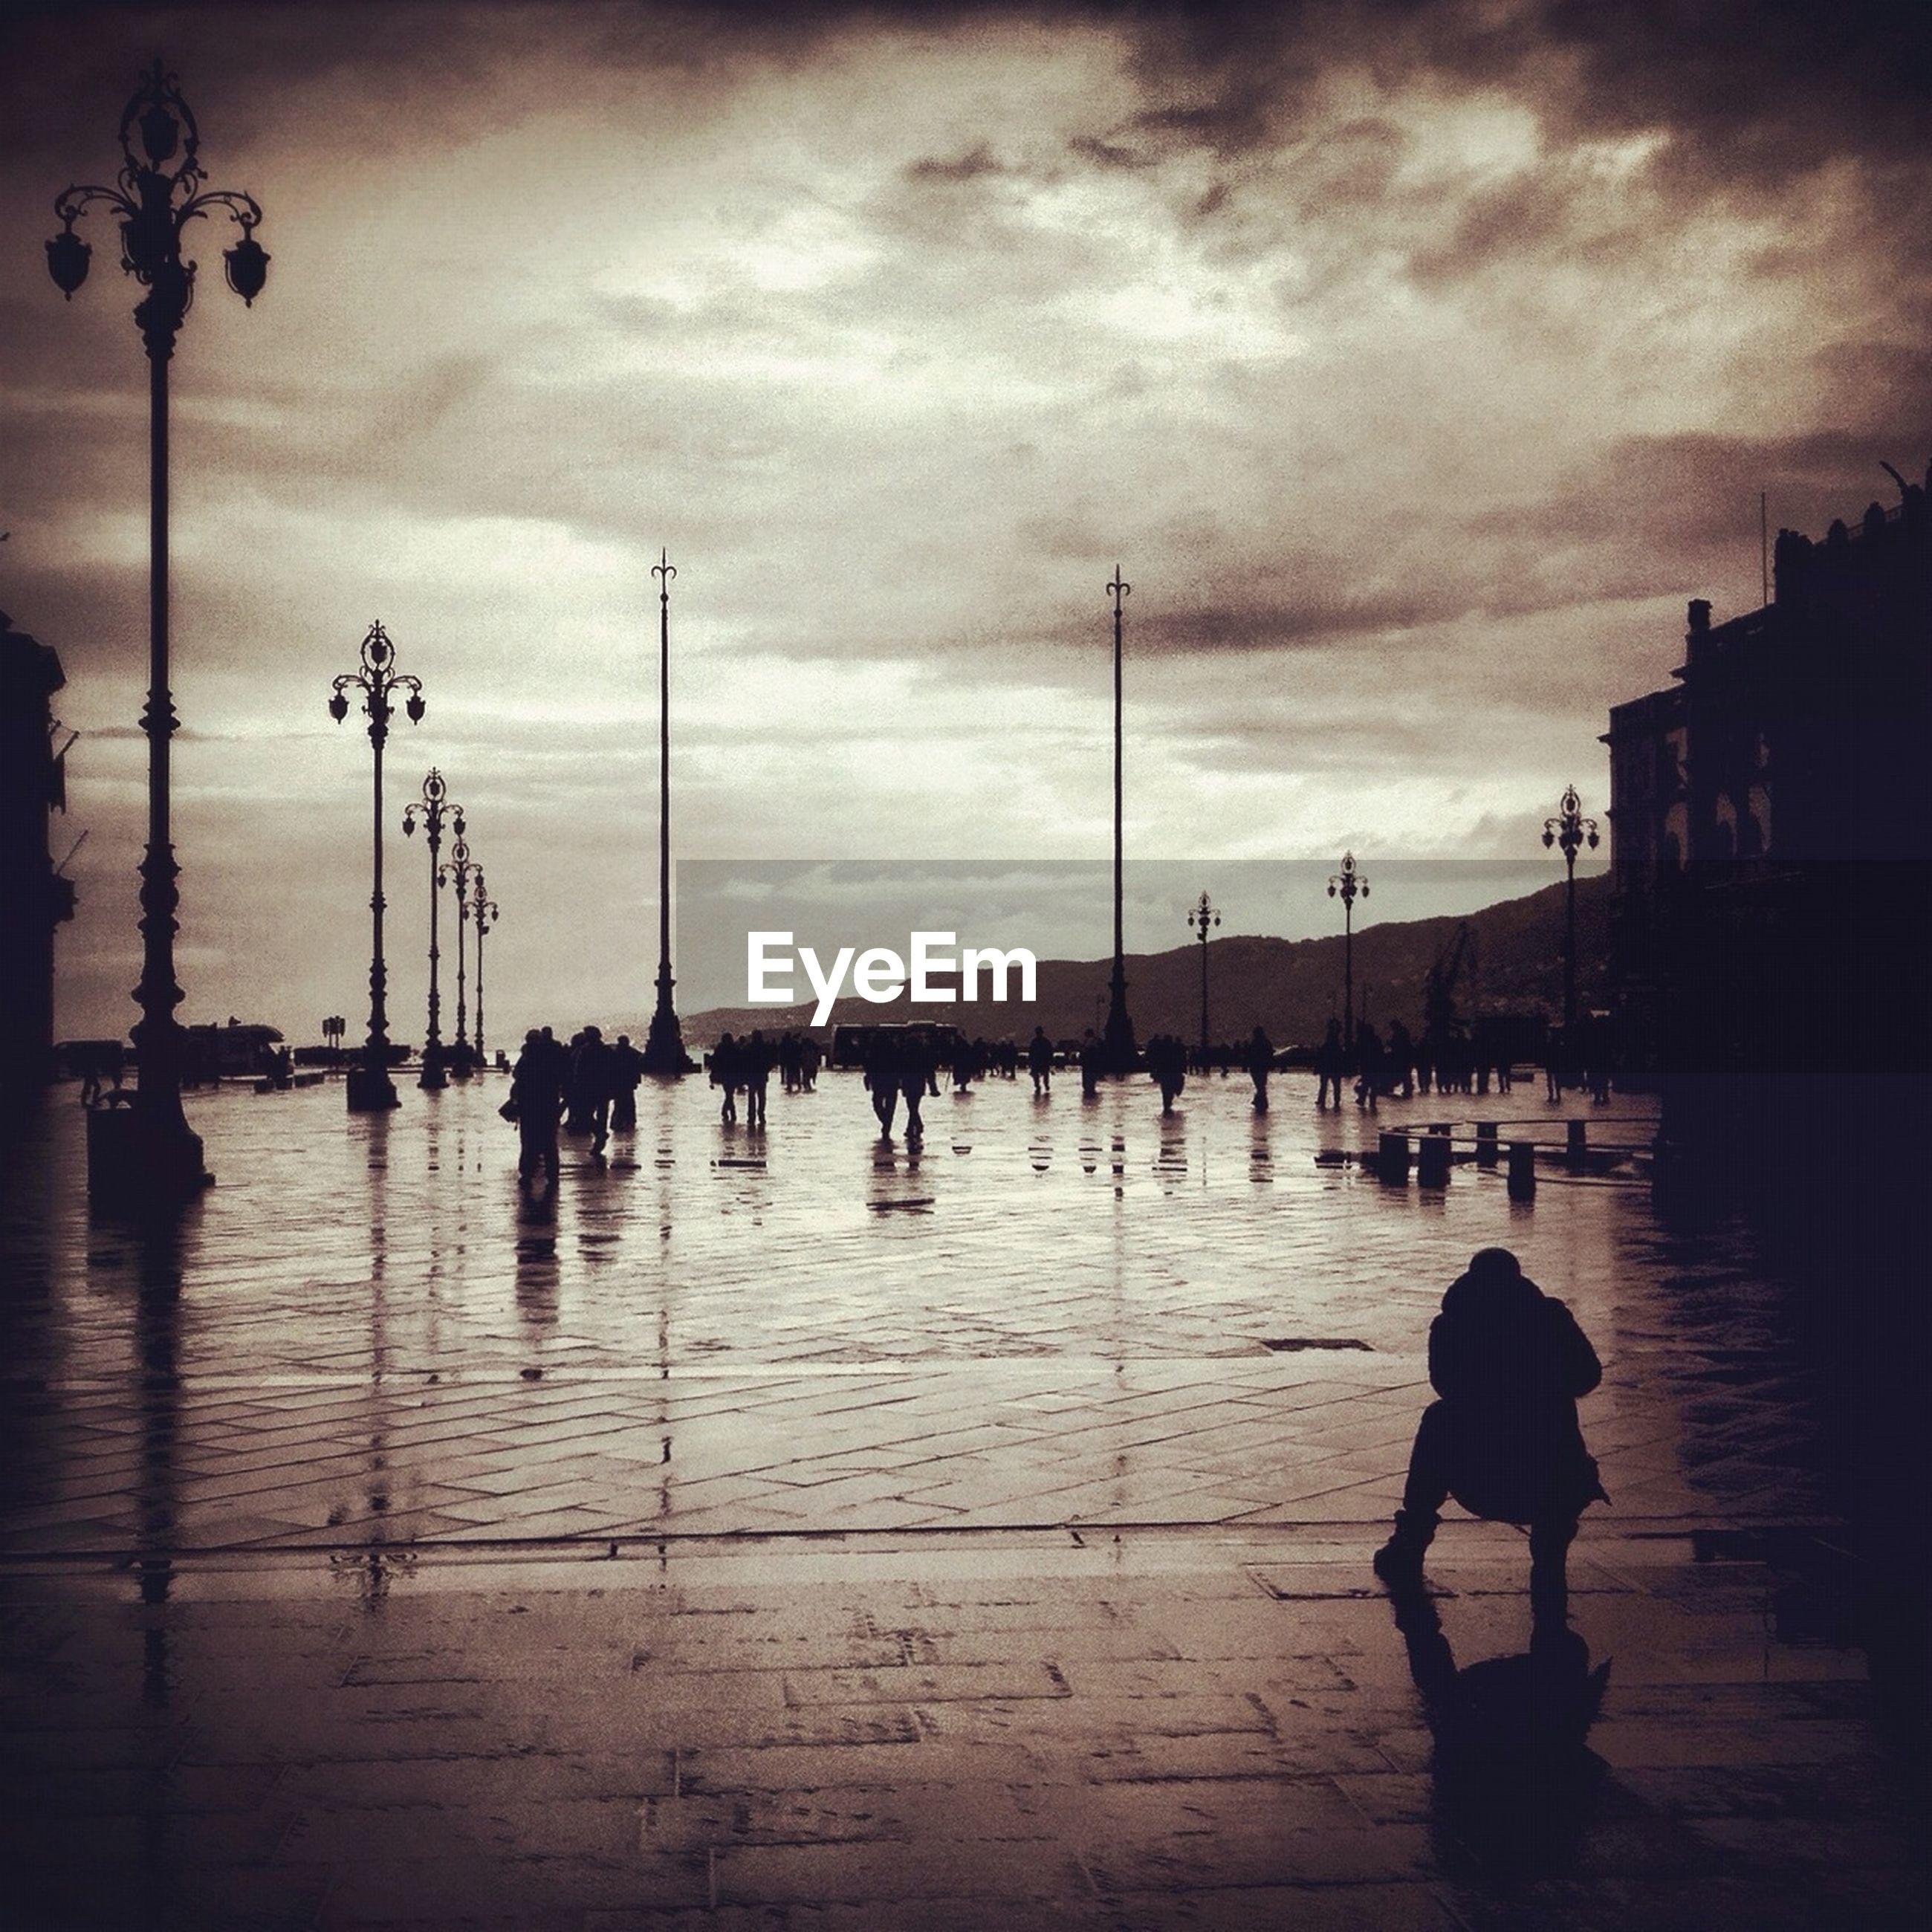 City square in rain